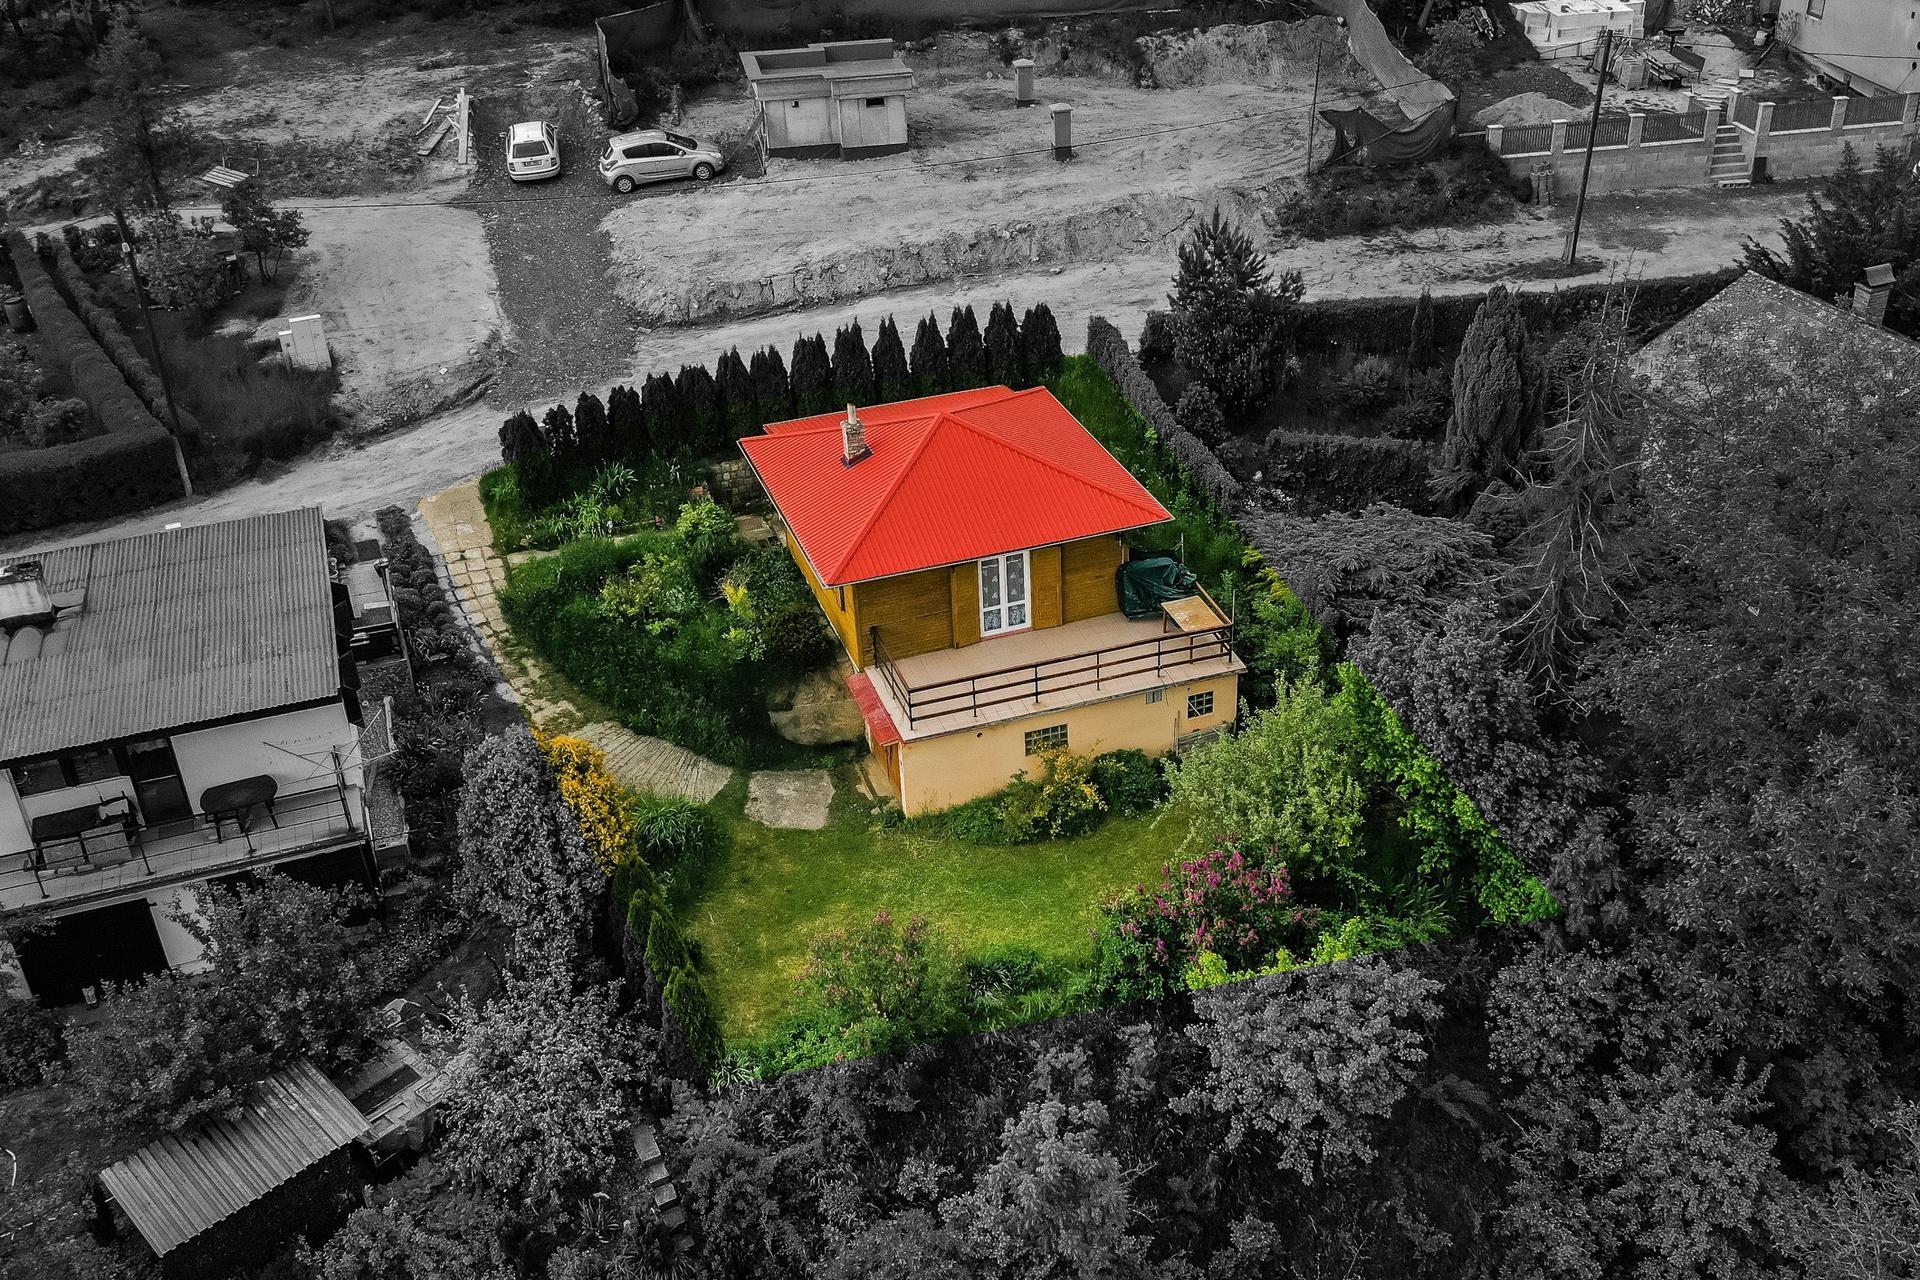 Chata - Košátky 2021 - Fotka makléře - správně by měl být barevně vyznačený ještě svah dolů